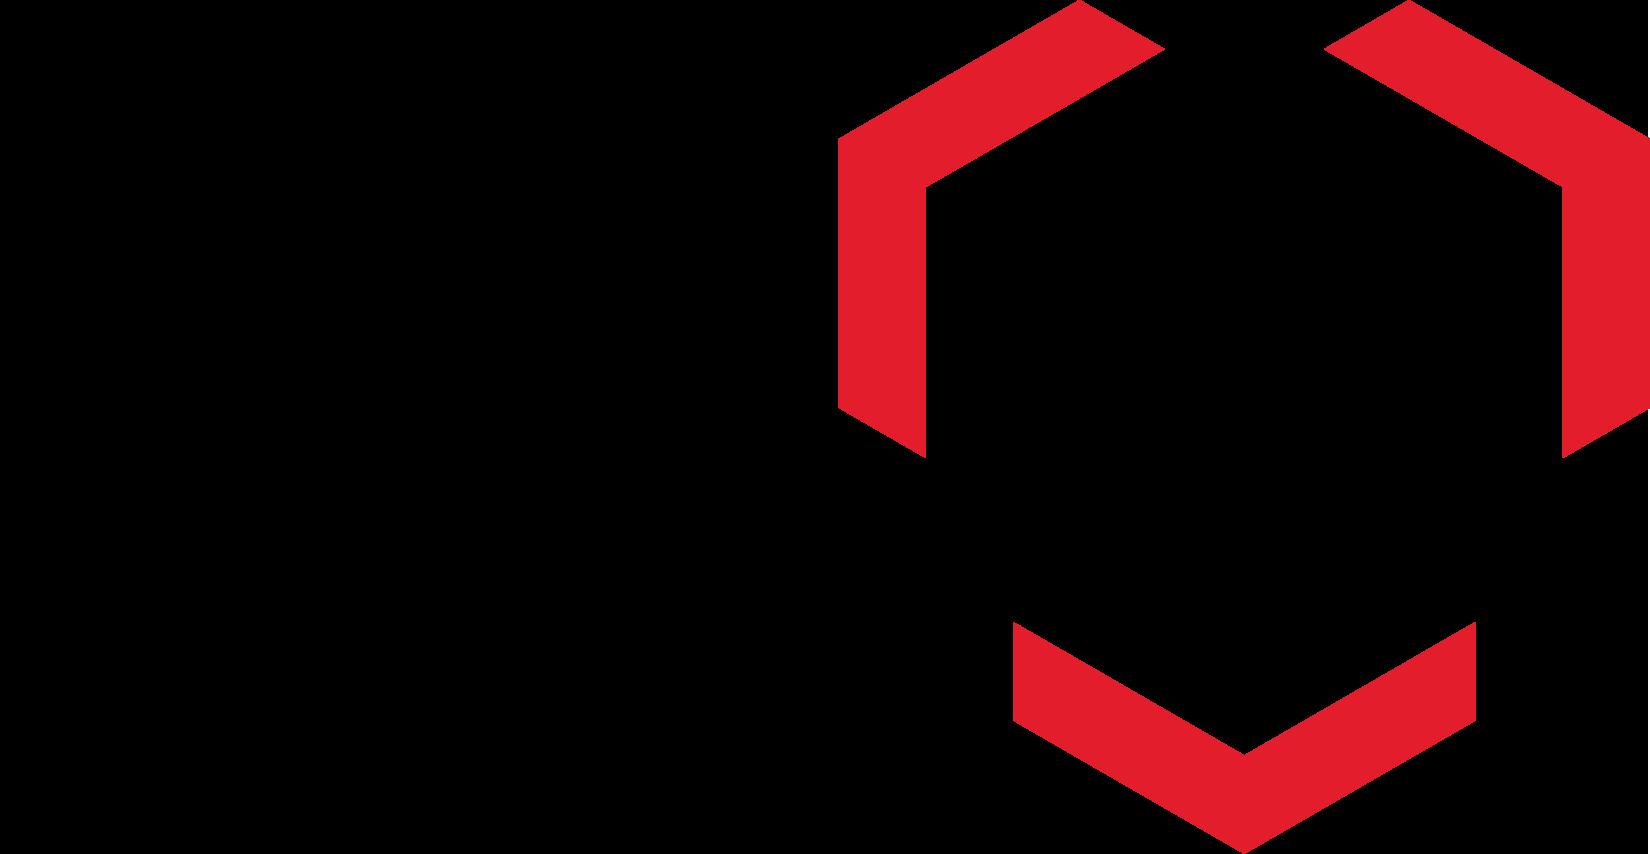 DPD Logo Wallpaper